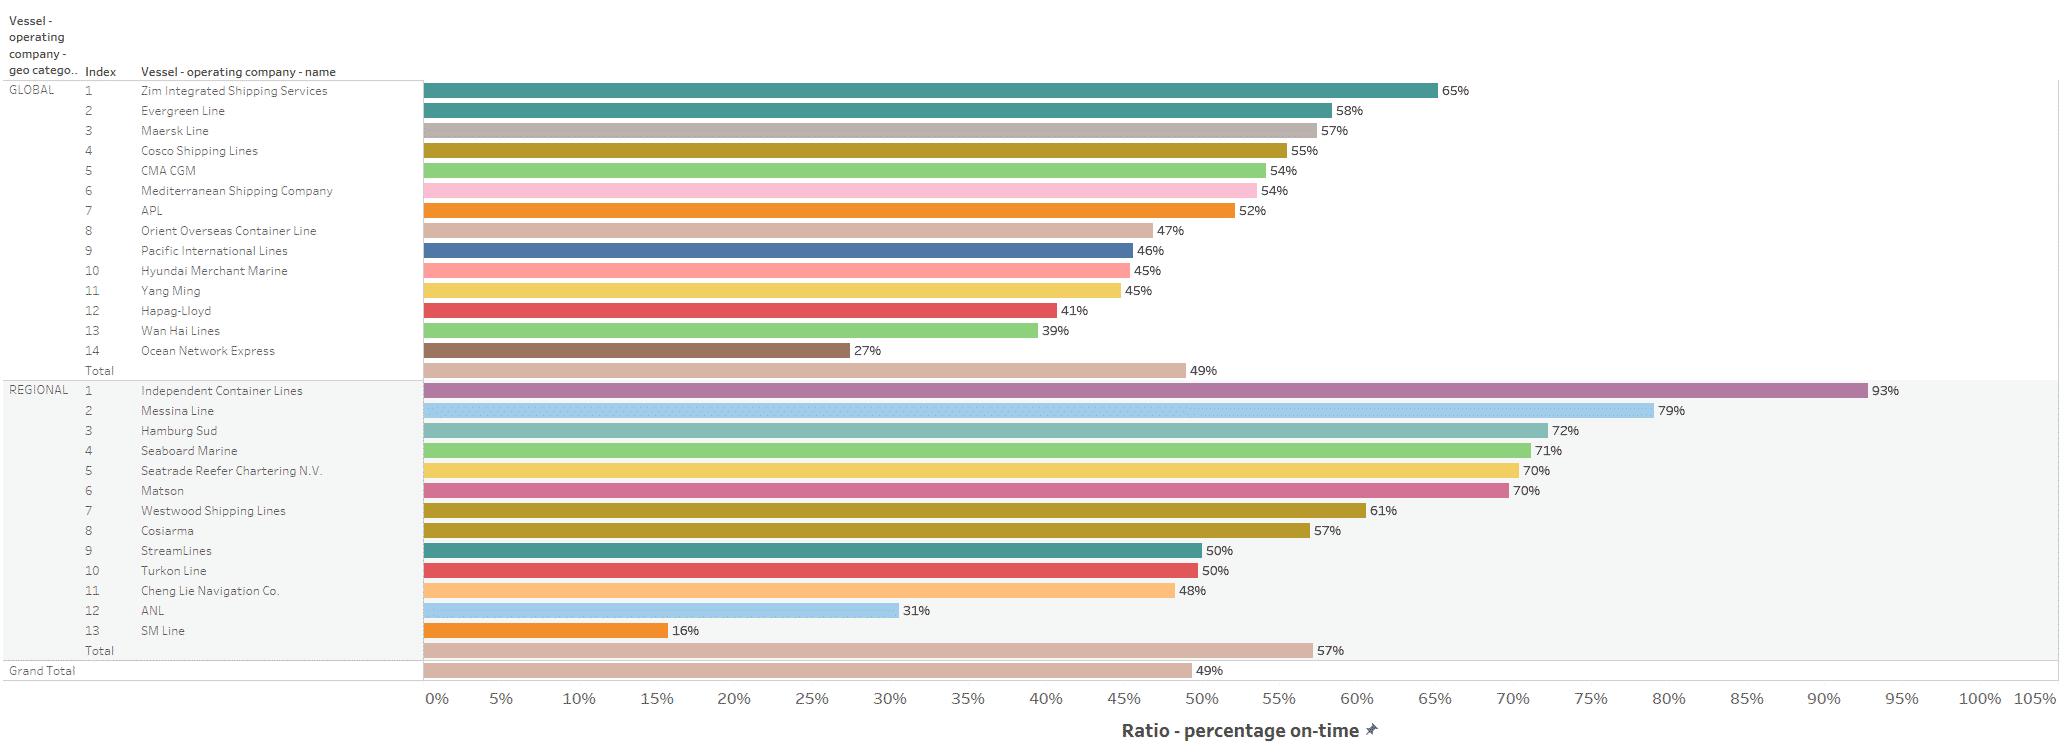 2019 Liner Rankings